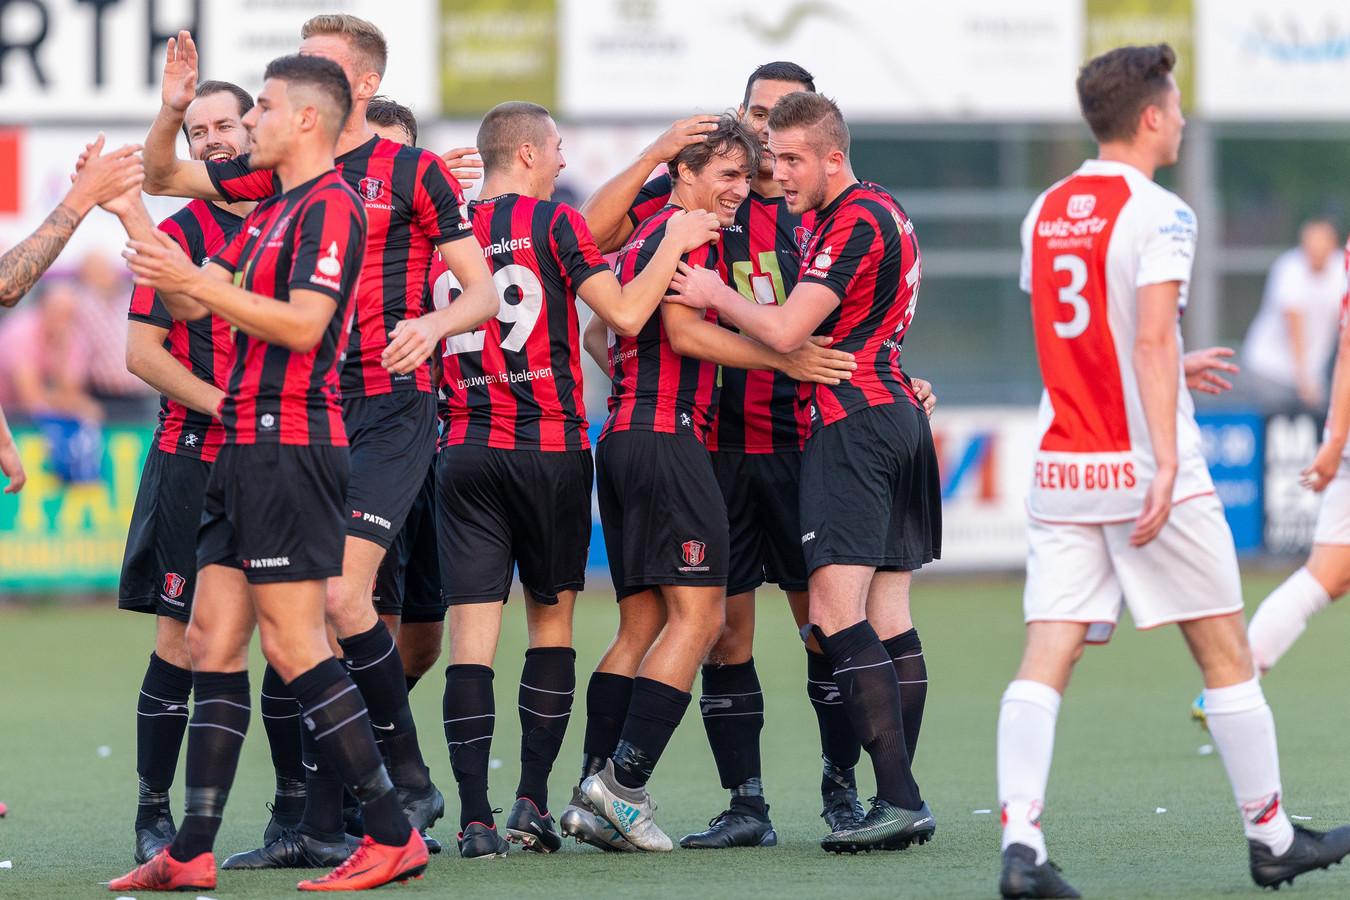 OJC Rosmalen - Flevo Boys in de kwalificatieronde.